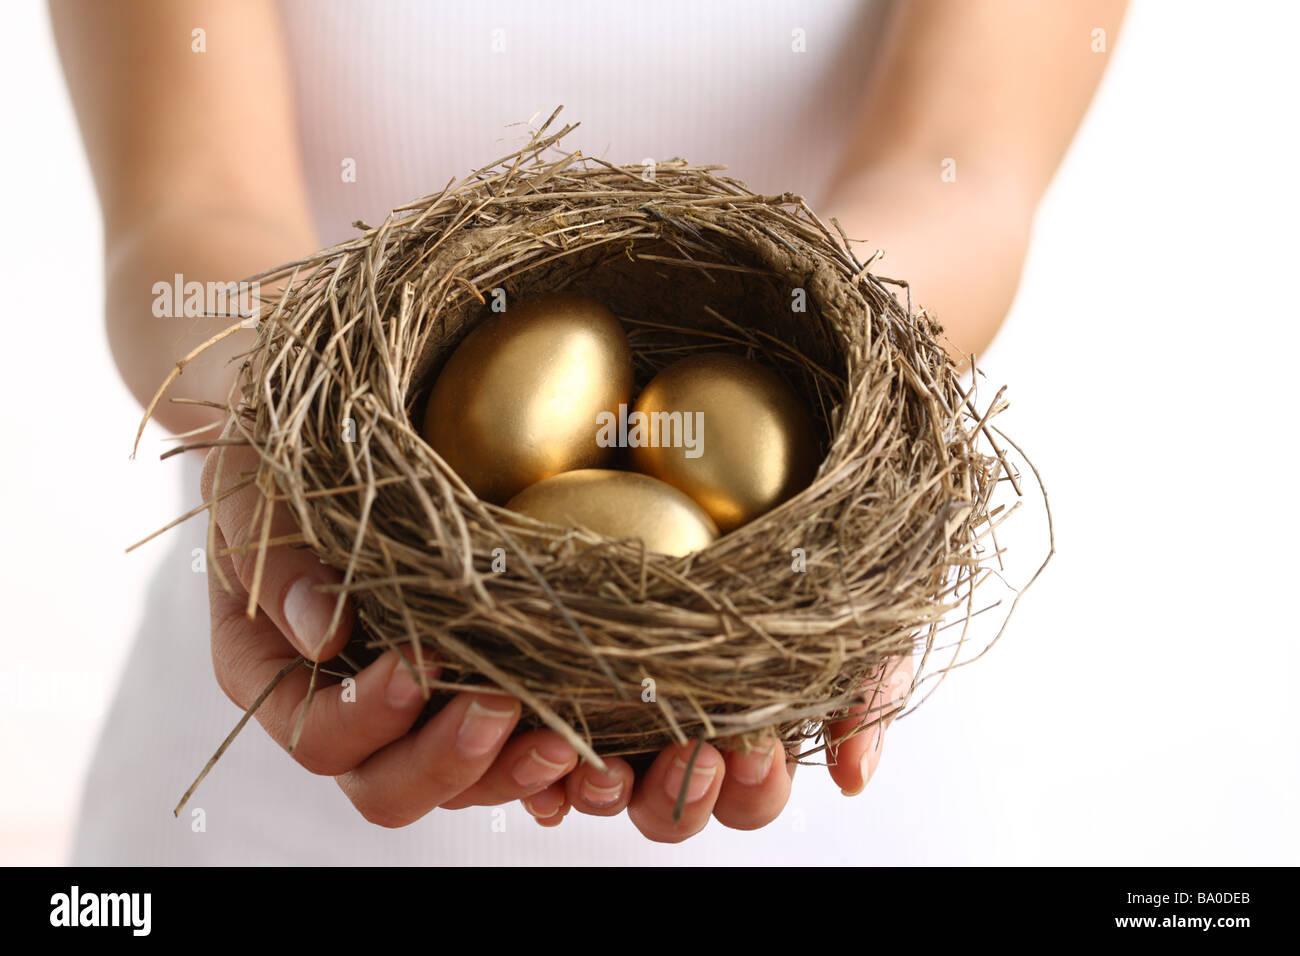 Hände halten Nest mit goldenen Eiern Stockbild